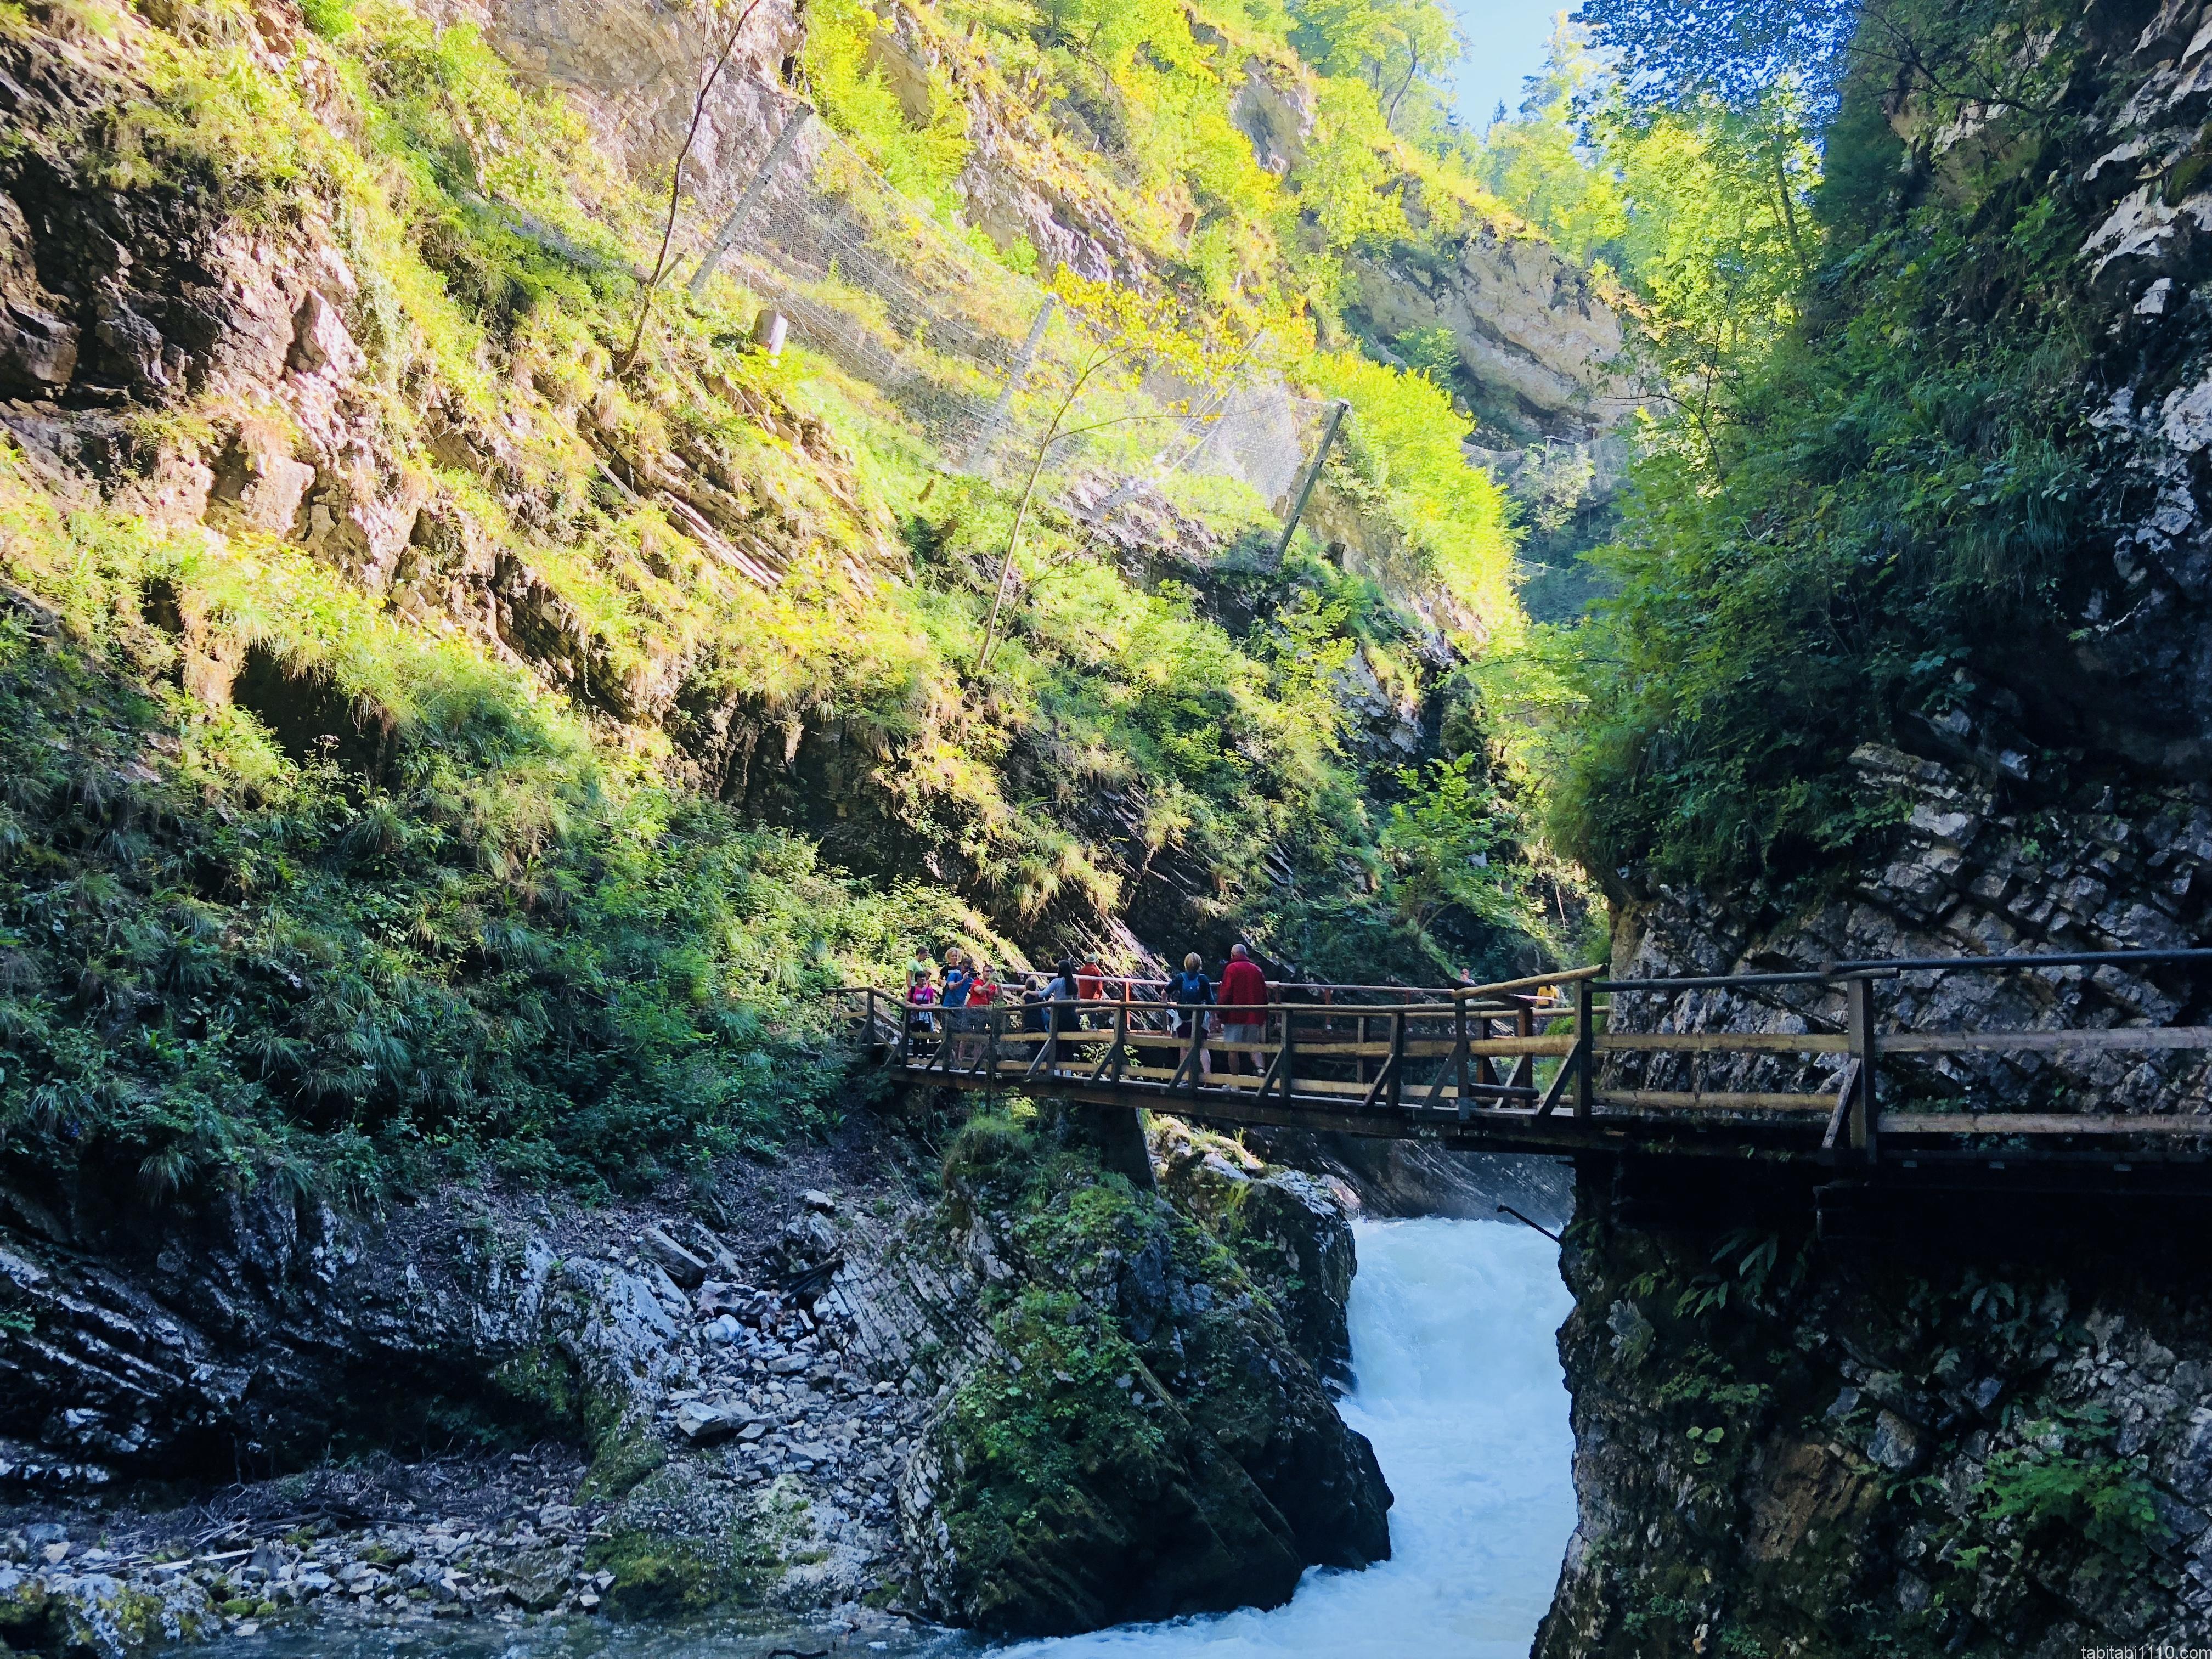 ヴィントガル峡谷